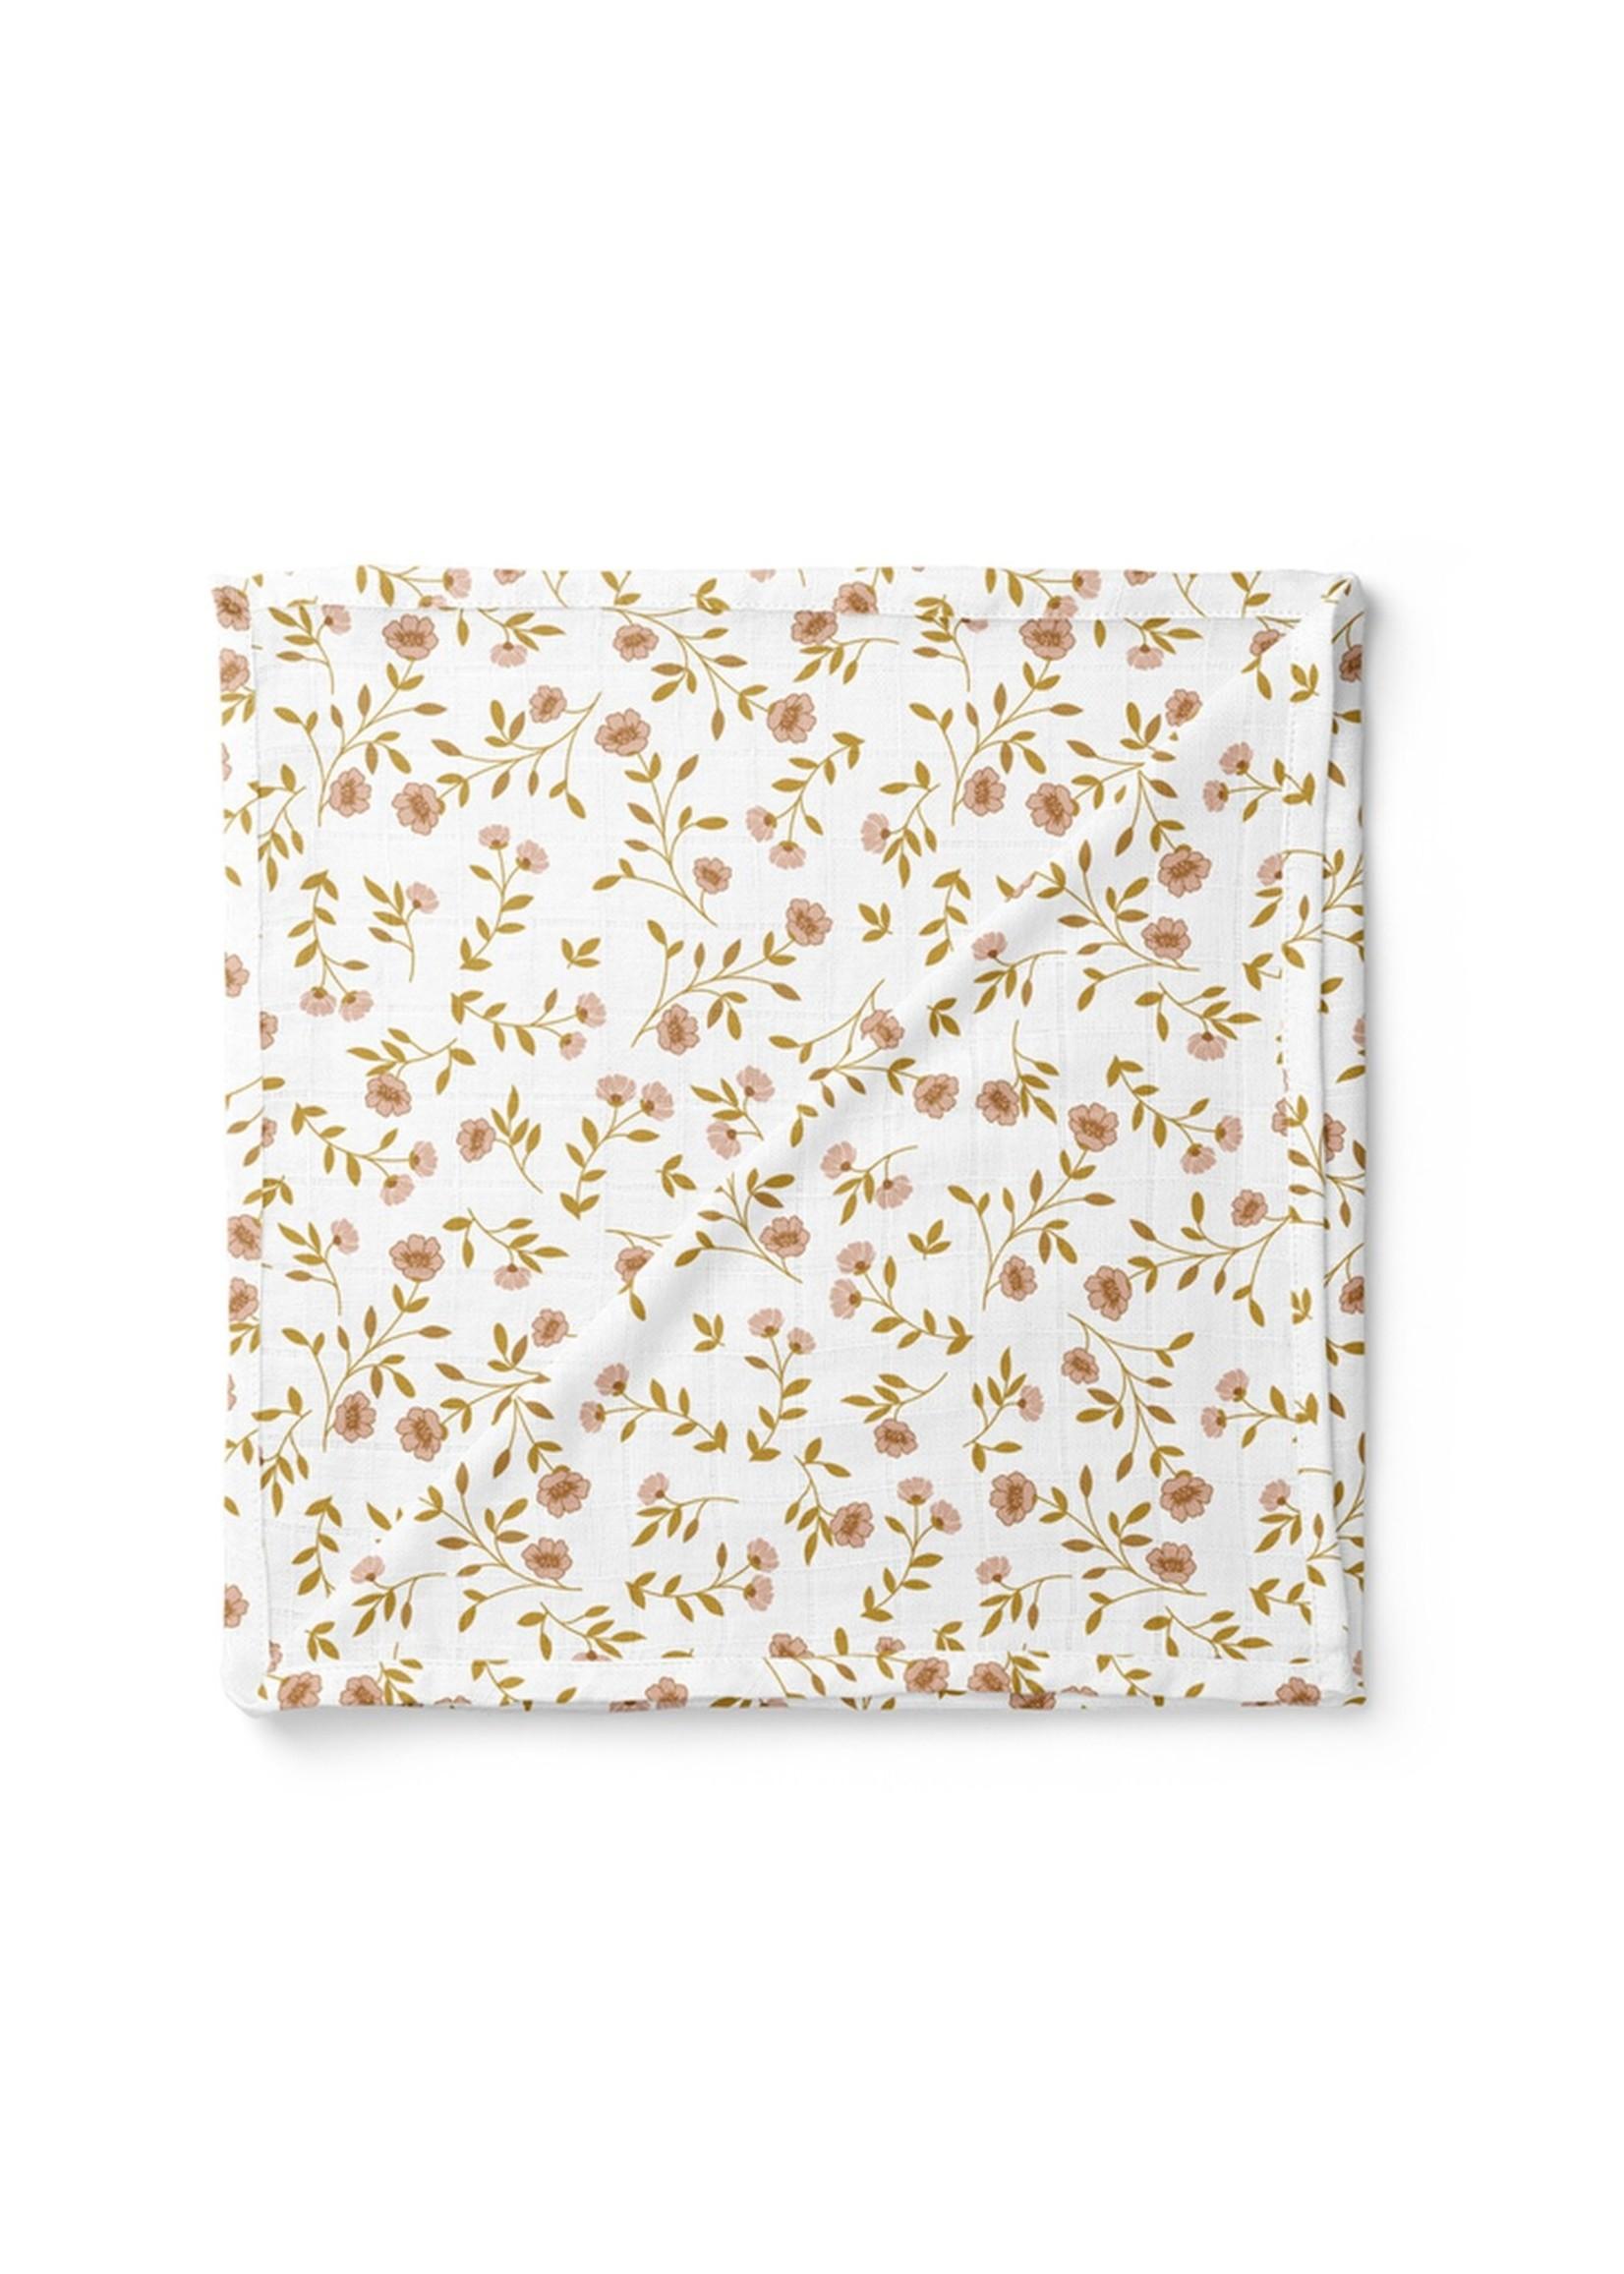 The mini scout Couverture en mousseline Wild flower white